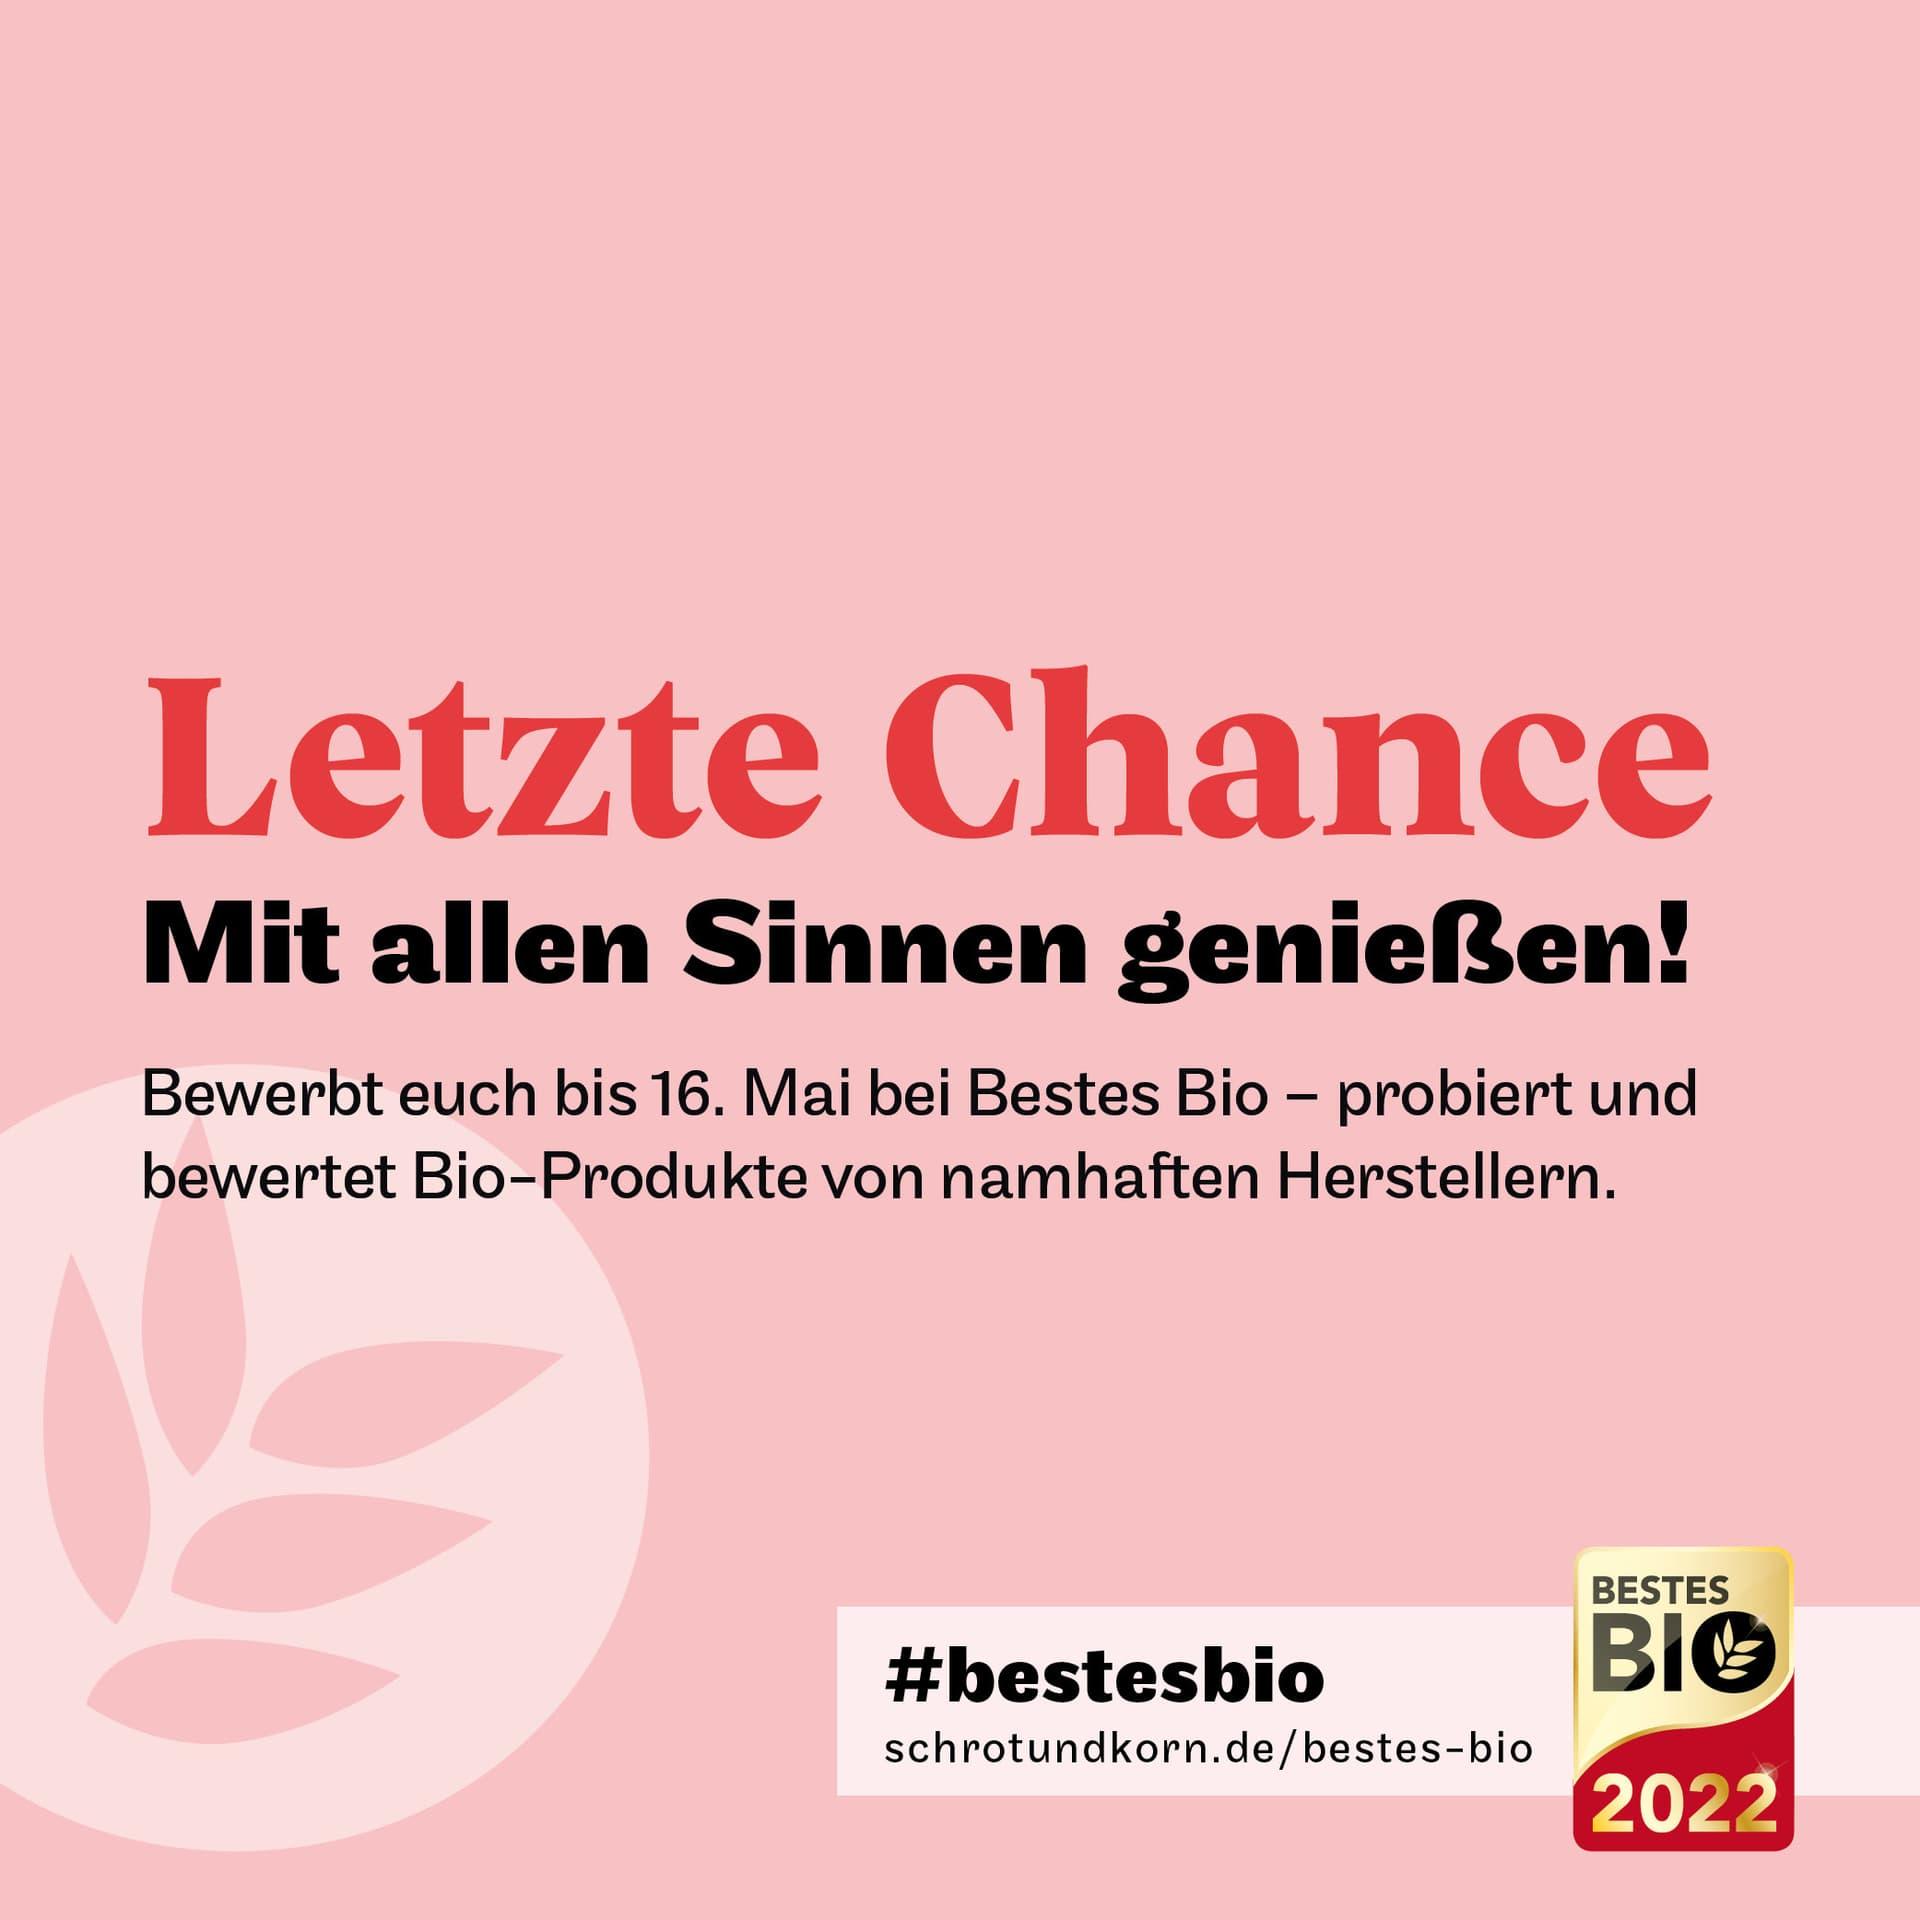 Bestes Bio 2022: Letzte Chance